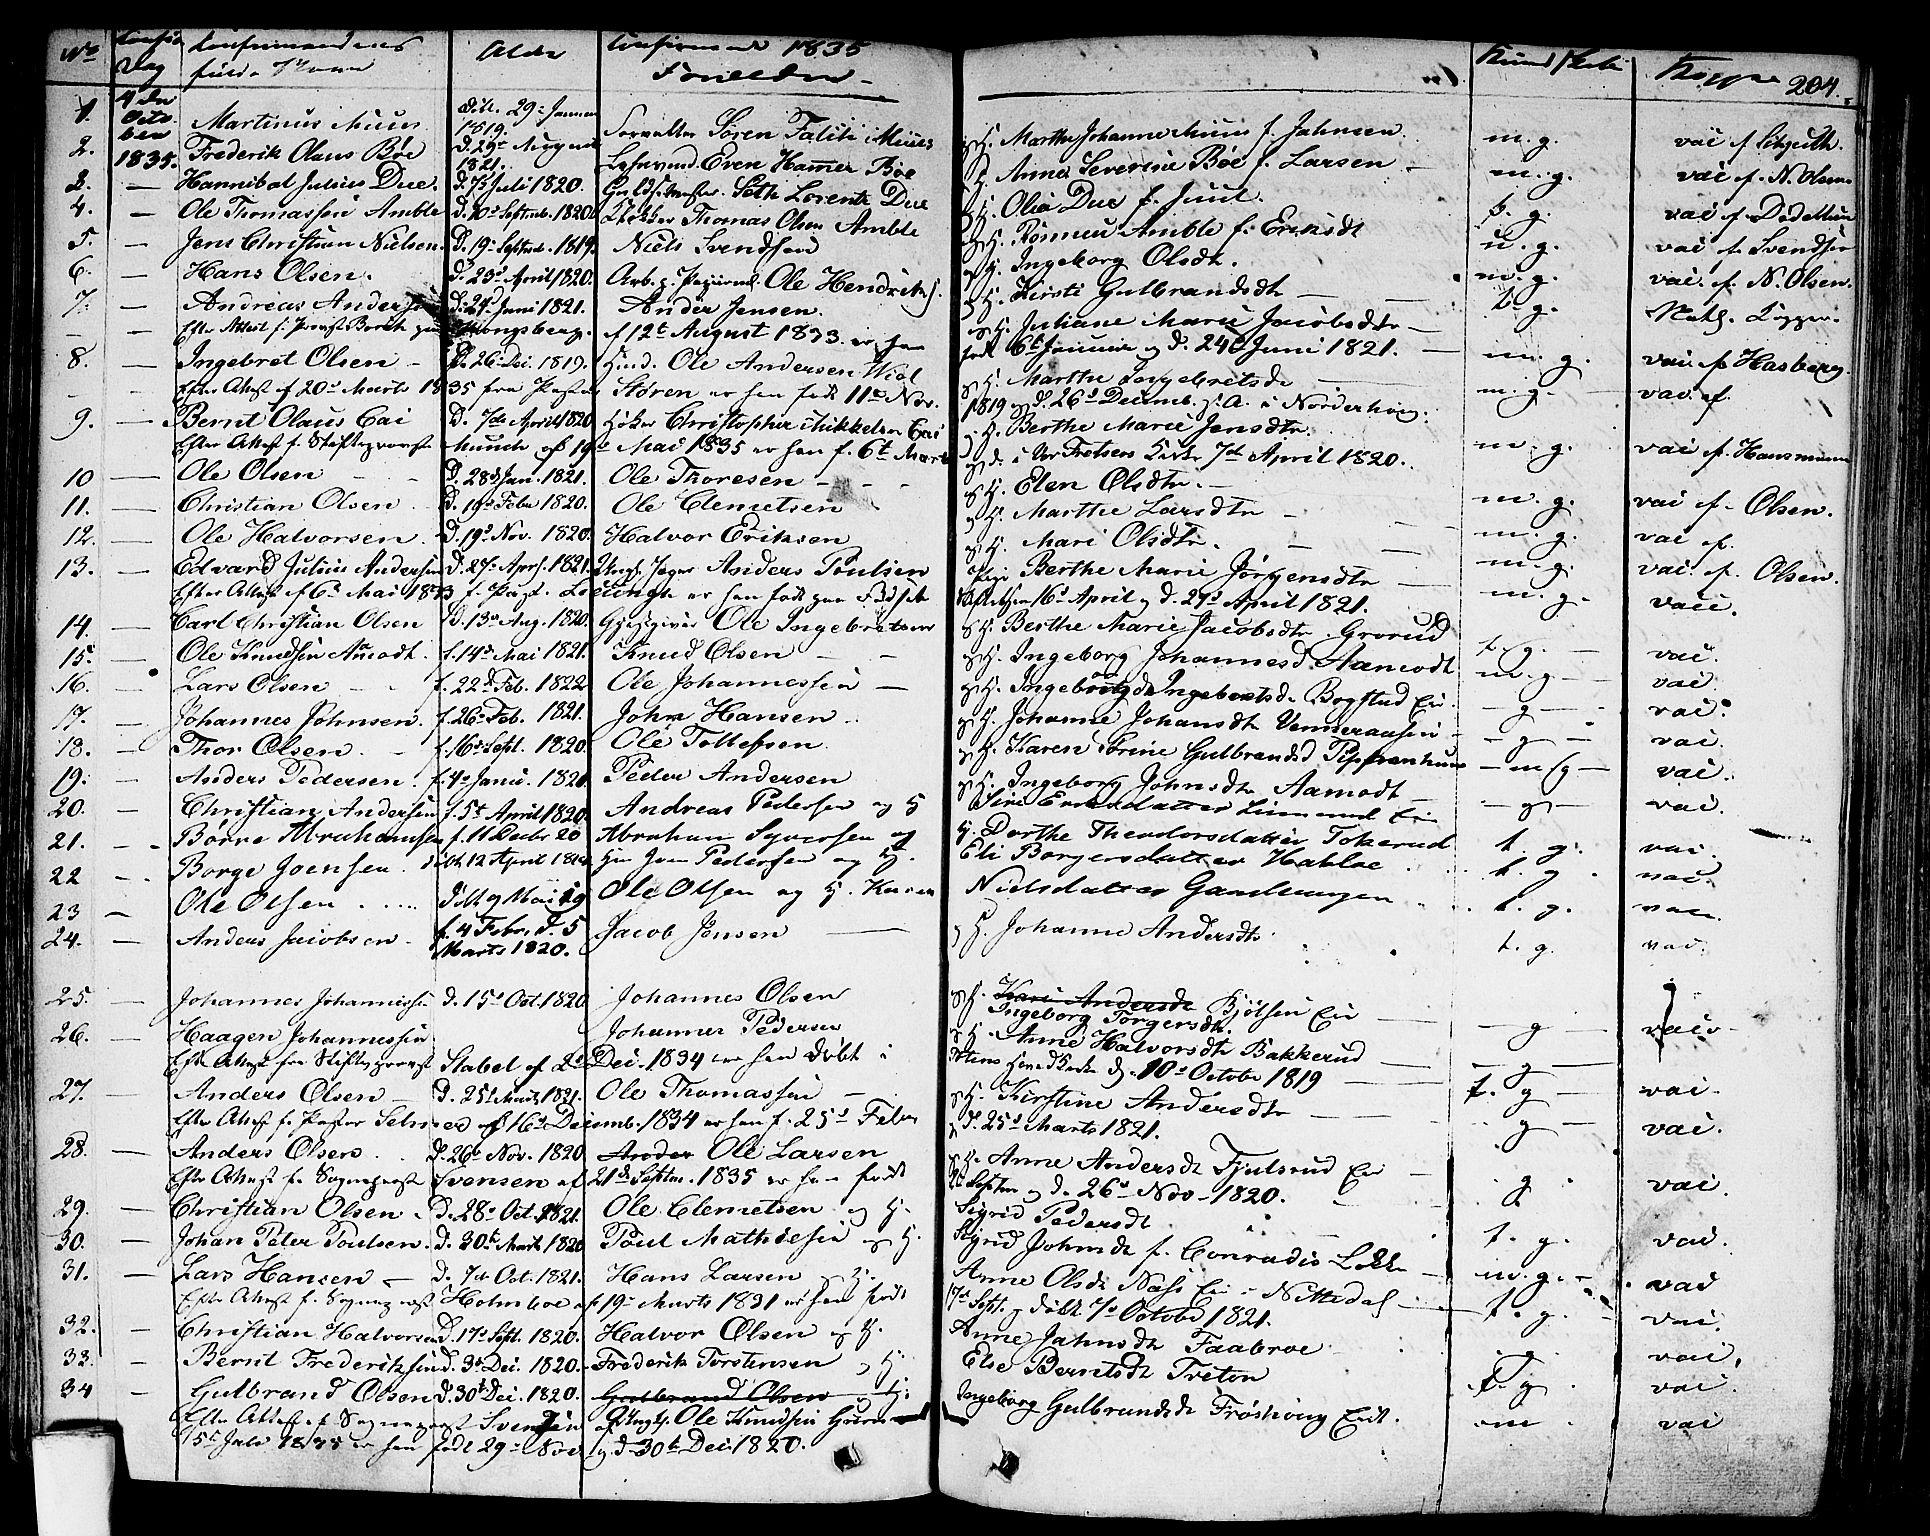 SAO, Aker prestekontor kirkebøker, F/L0018: Ministerialbok nr. 17, 1829-1852, s. 204